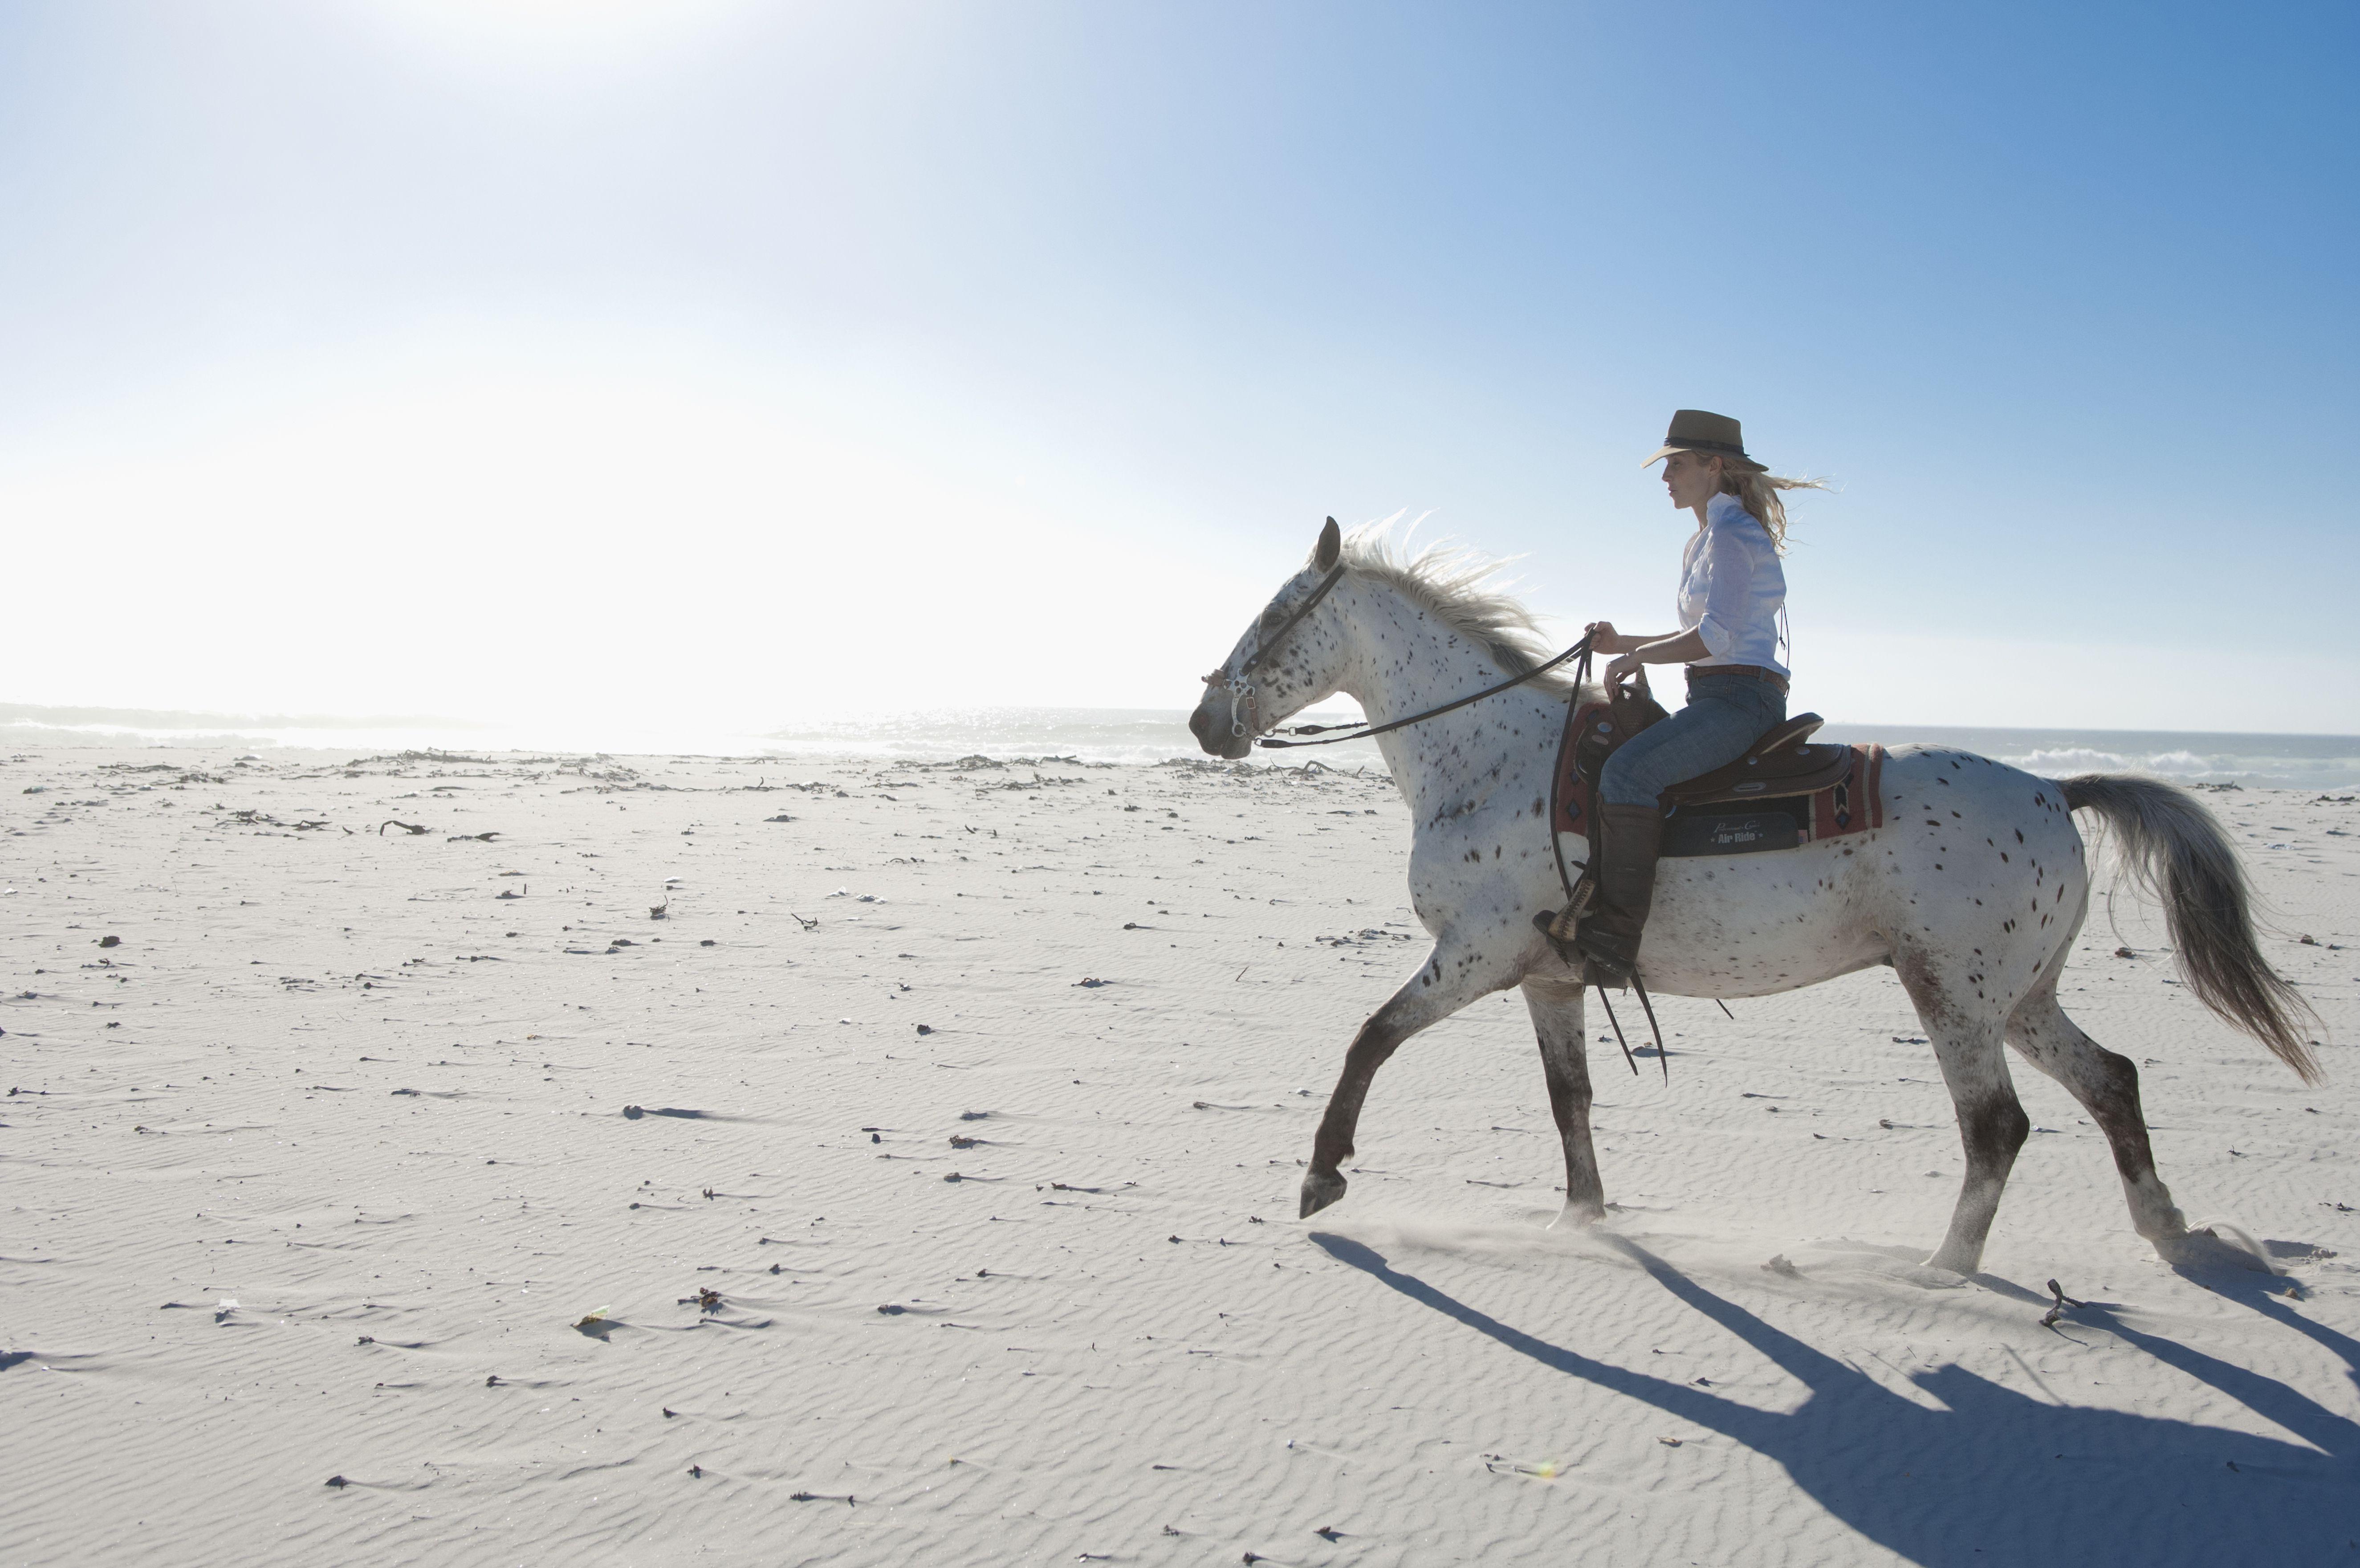 Montar a caballo en la arena